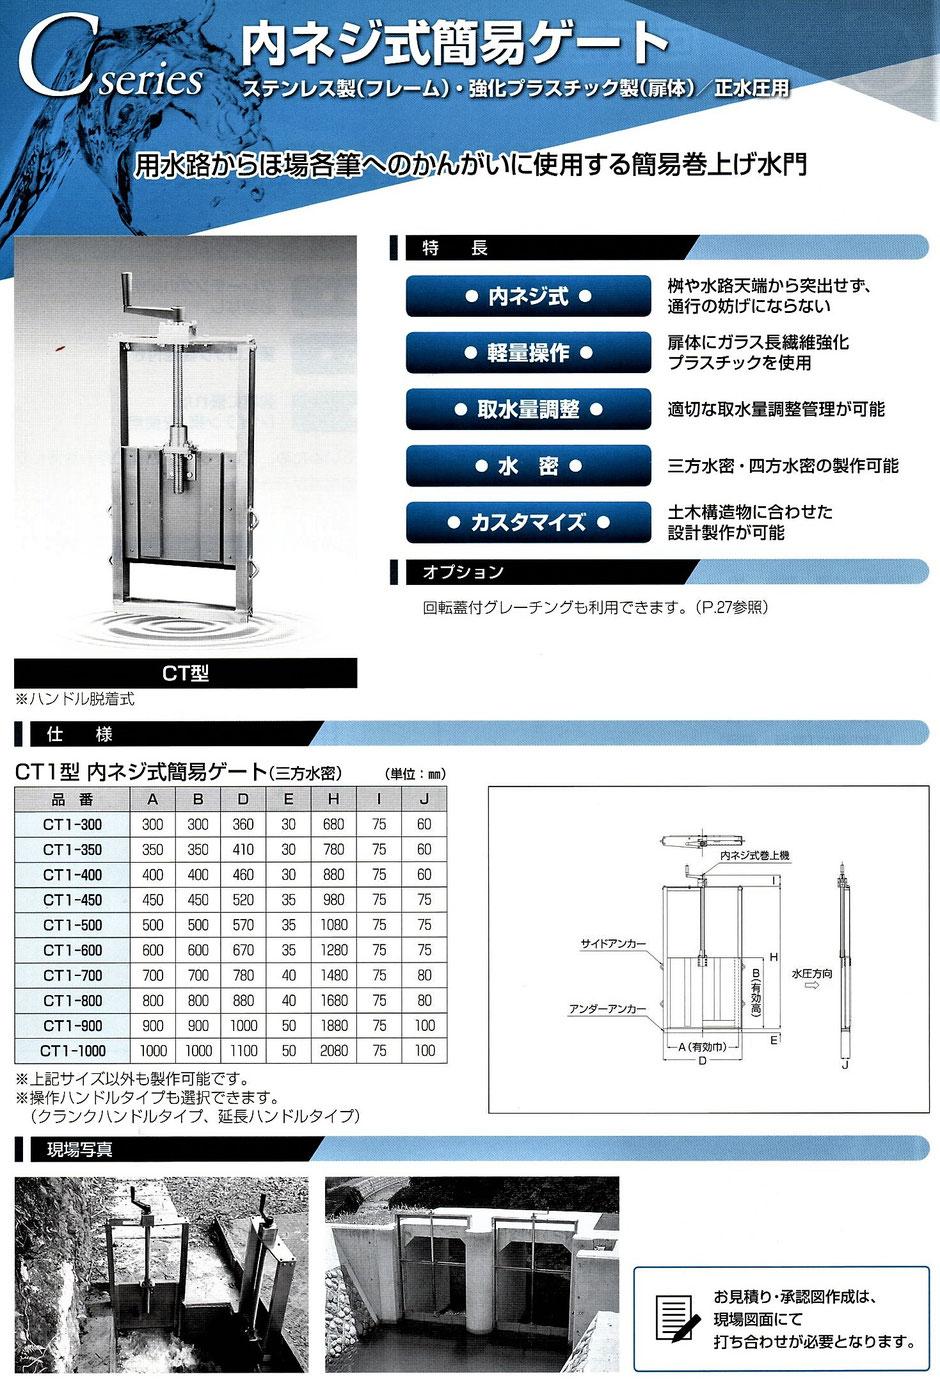 分水栓の色々なタイプをご紹介するページです。写真付きでわかりやすくなっており、選んでから当社へお問合せ下さい。